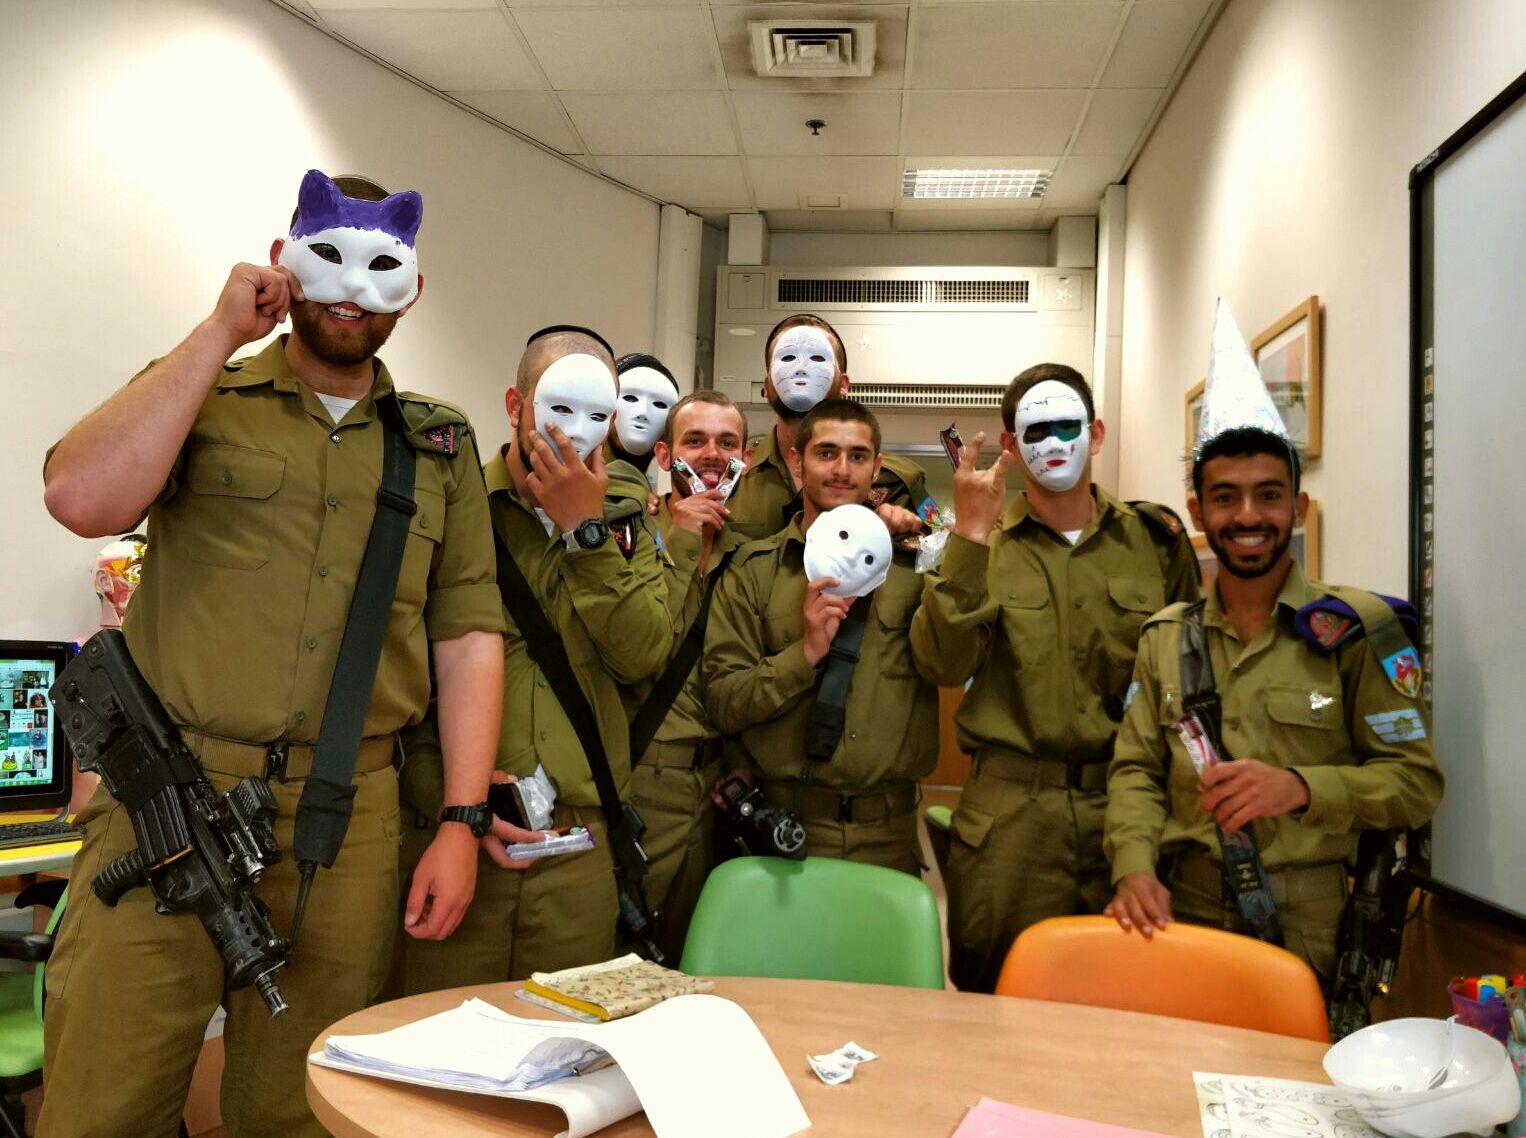 החיילים החרדים עושים שמח בבתי החולים